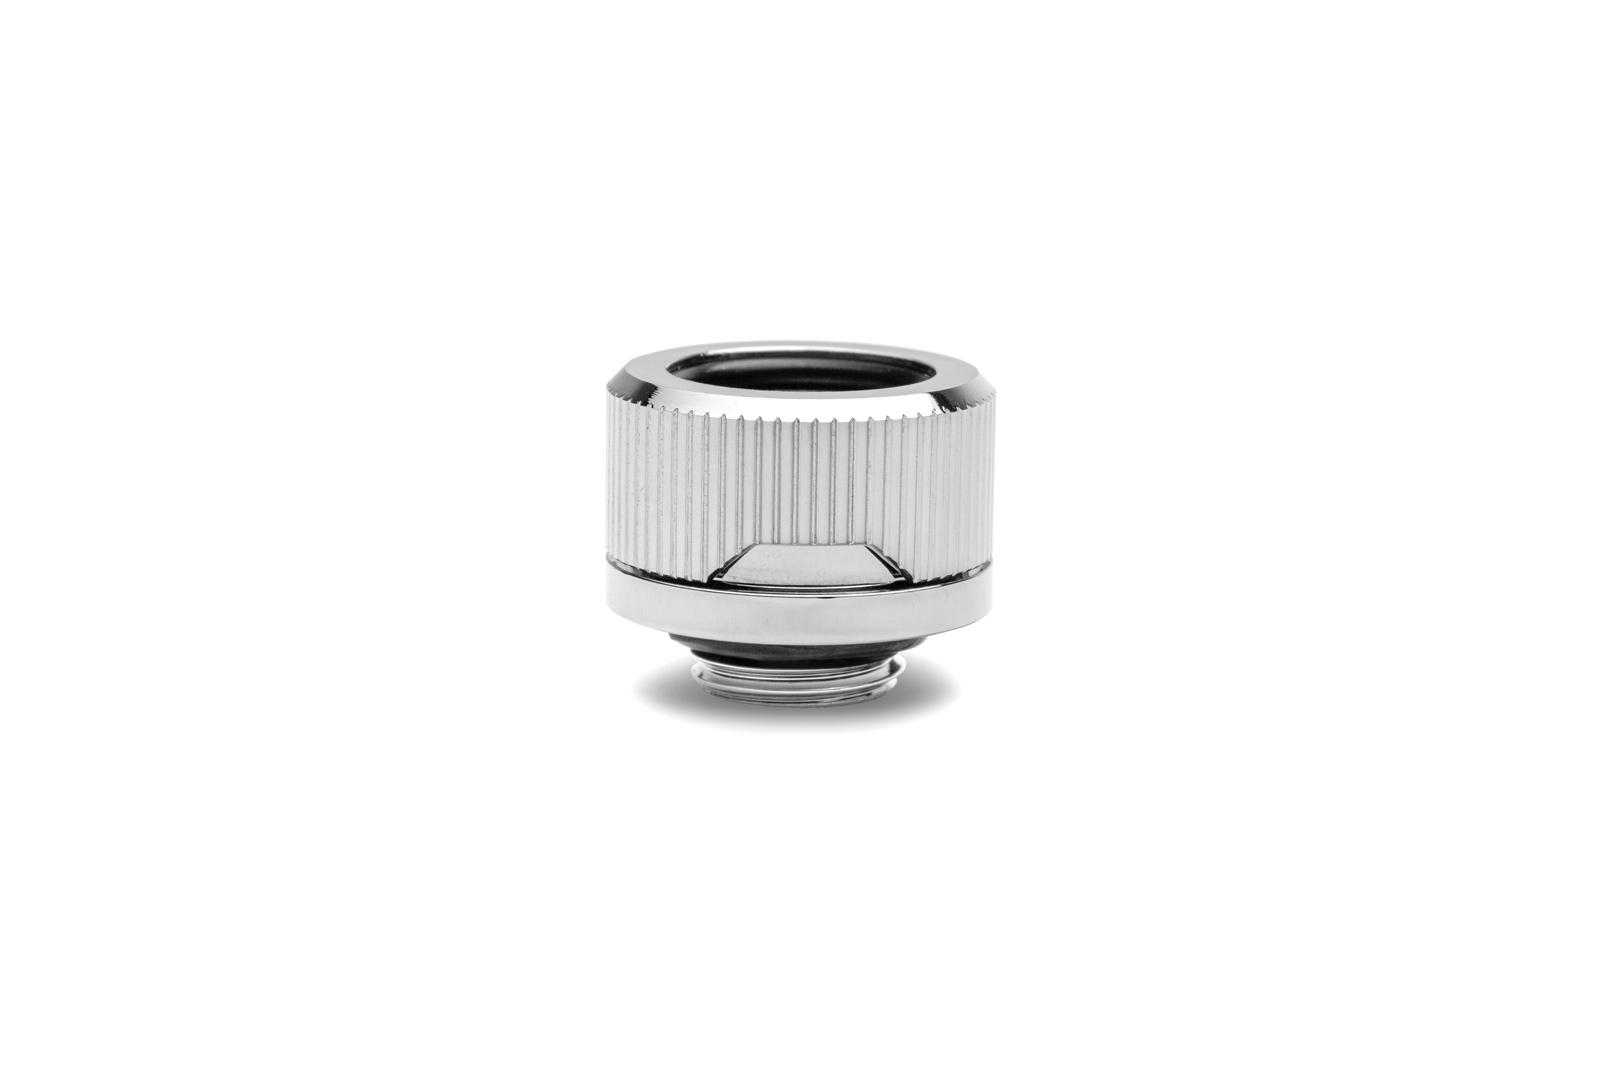 EK_Torque_Fitting_HTC_16_Nickel